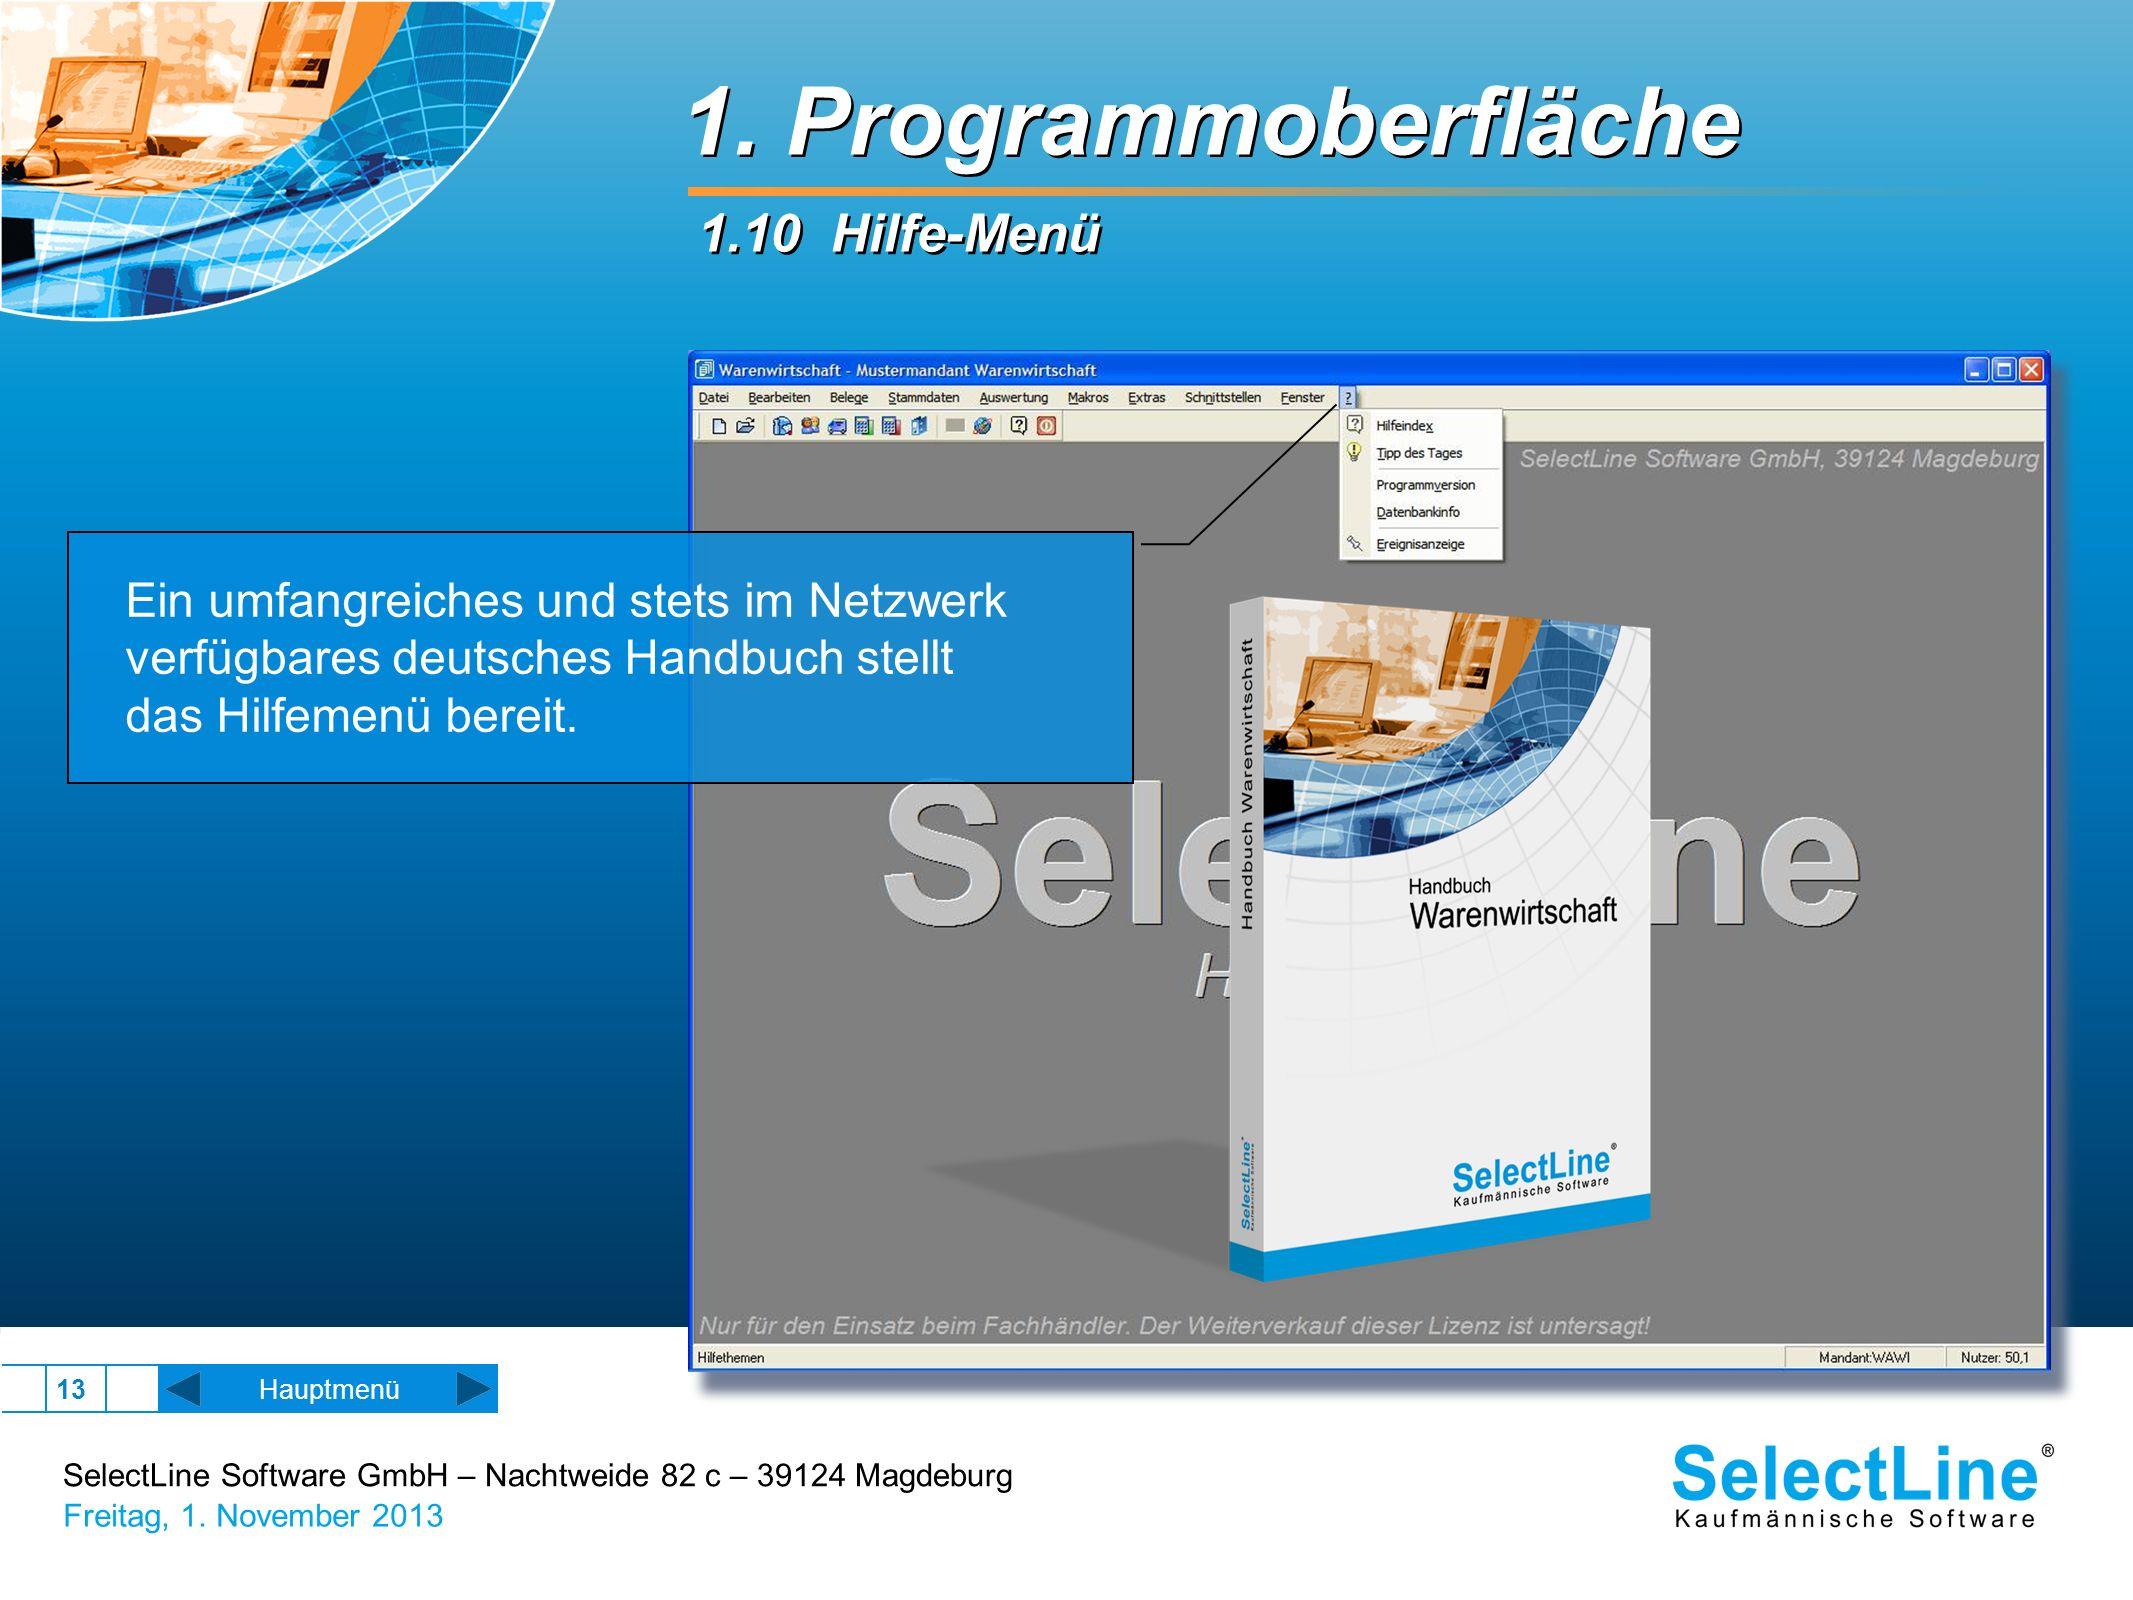 SelectLine Software GmbH – Nachtweide 82 c – 39124 Magdeburg Freitag, 1. November 2013 13 1. Programmoberfläche 1.10 Hilfe-Menü Ein umfangreiches und